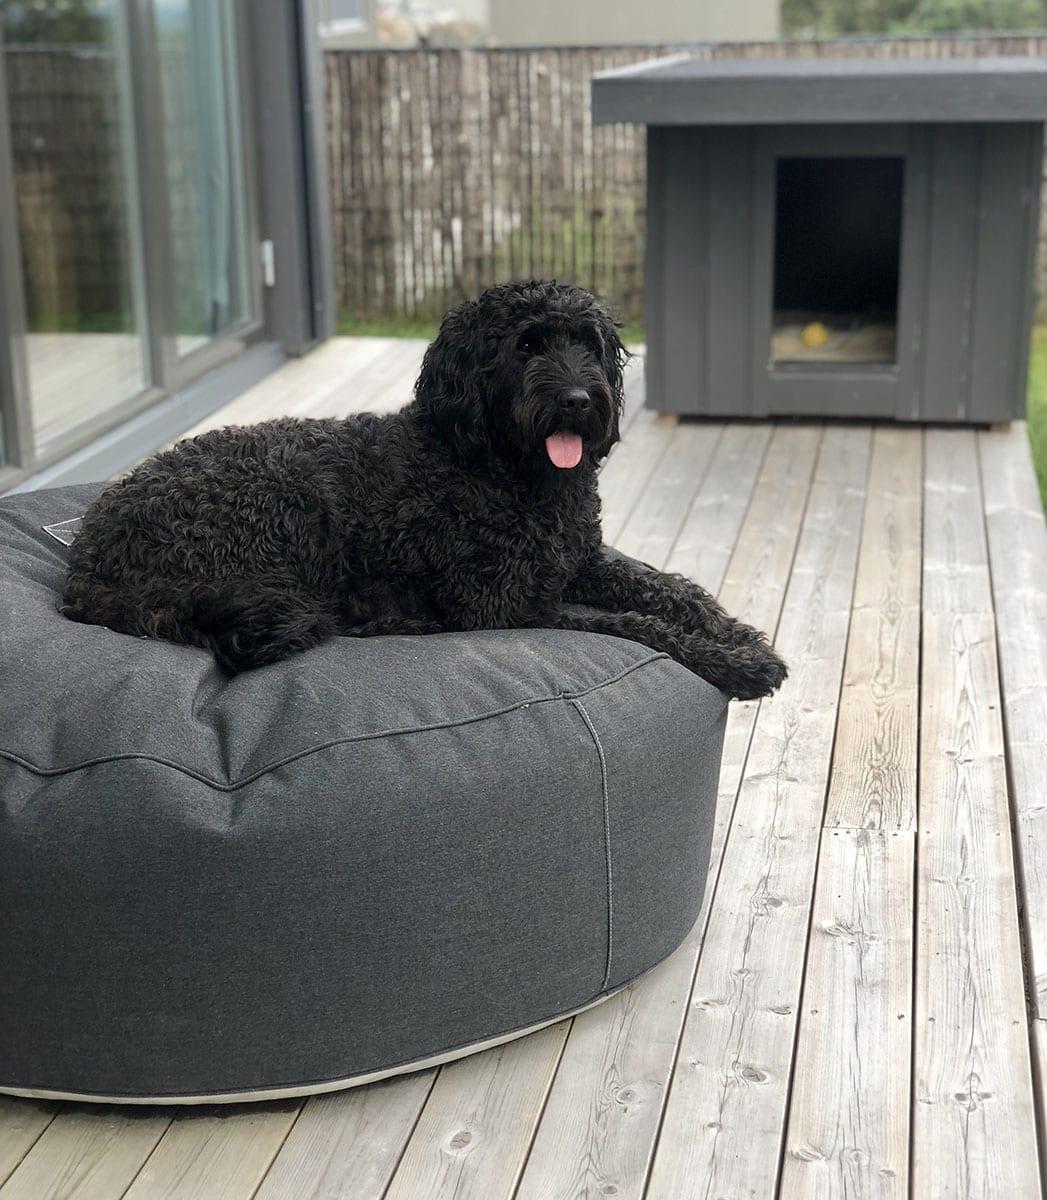 Hund-på-trimm-puff Hagemøbler og utemøbler - Fine design